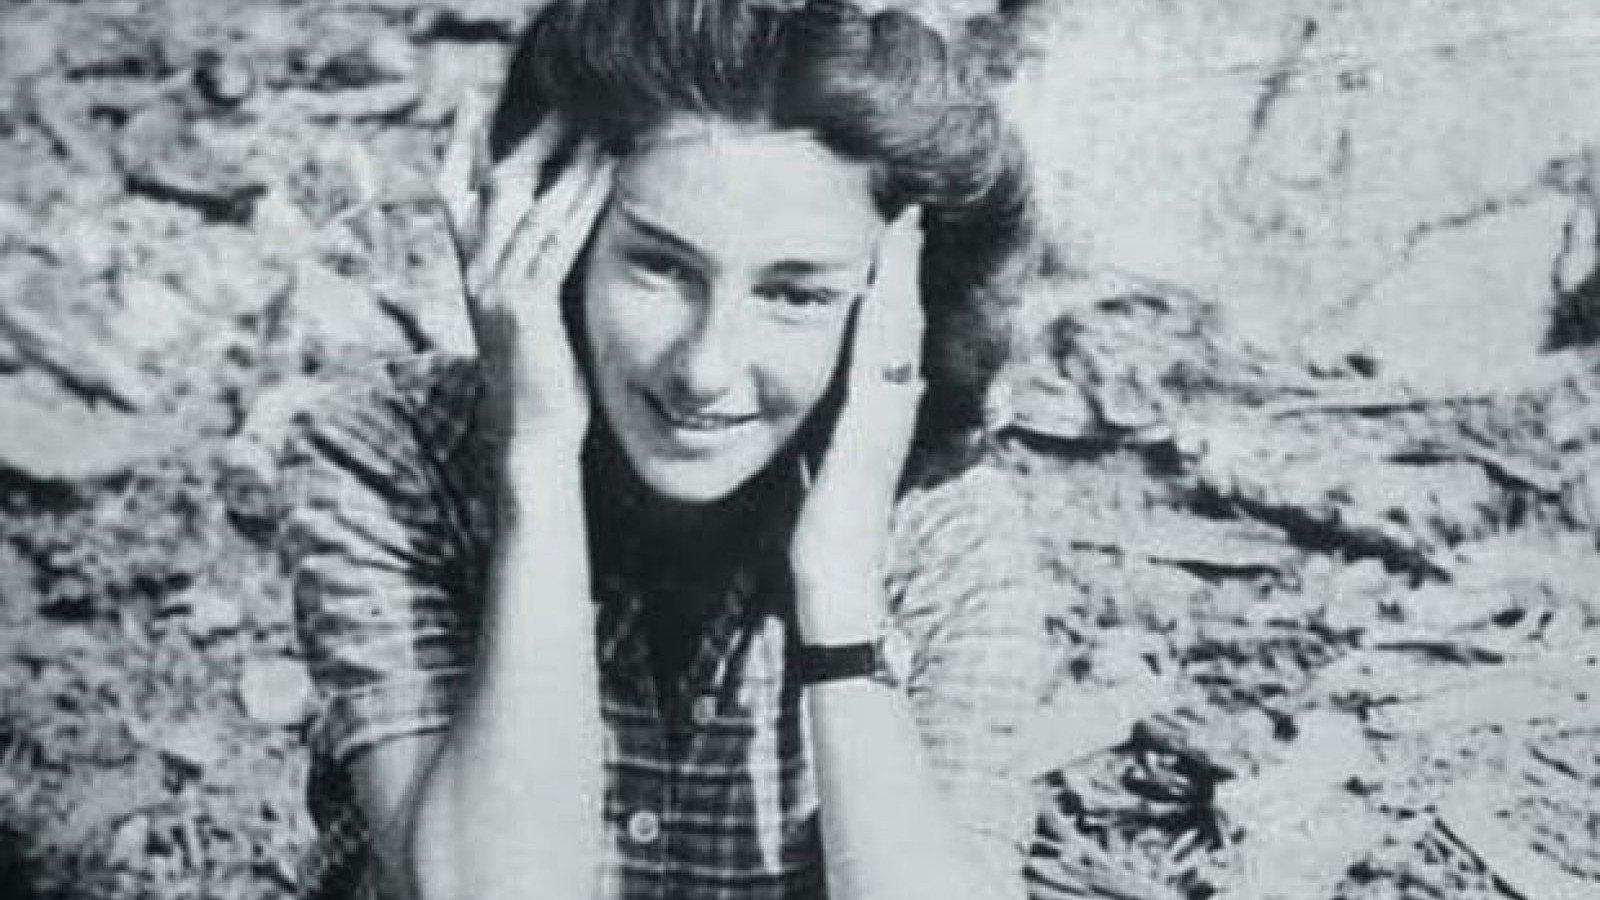 Krystyna Skarbek logró deshacerse de un batallón enemigo por teléfono.